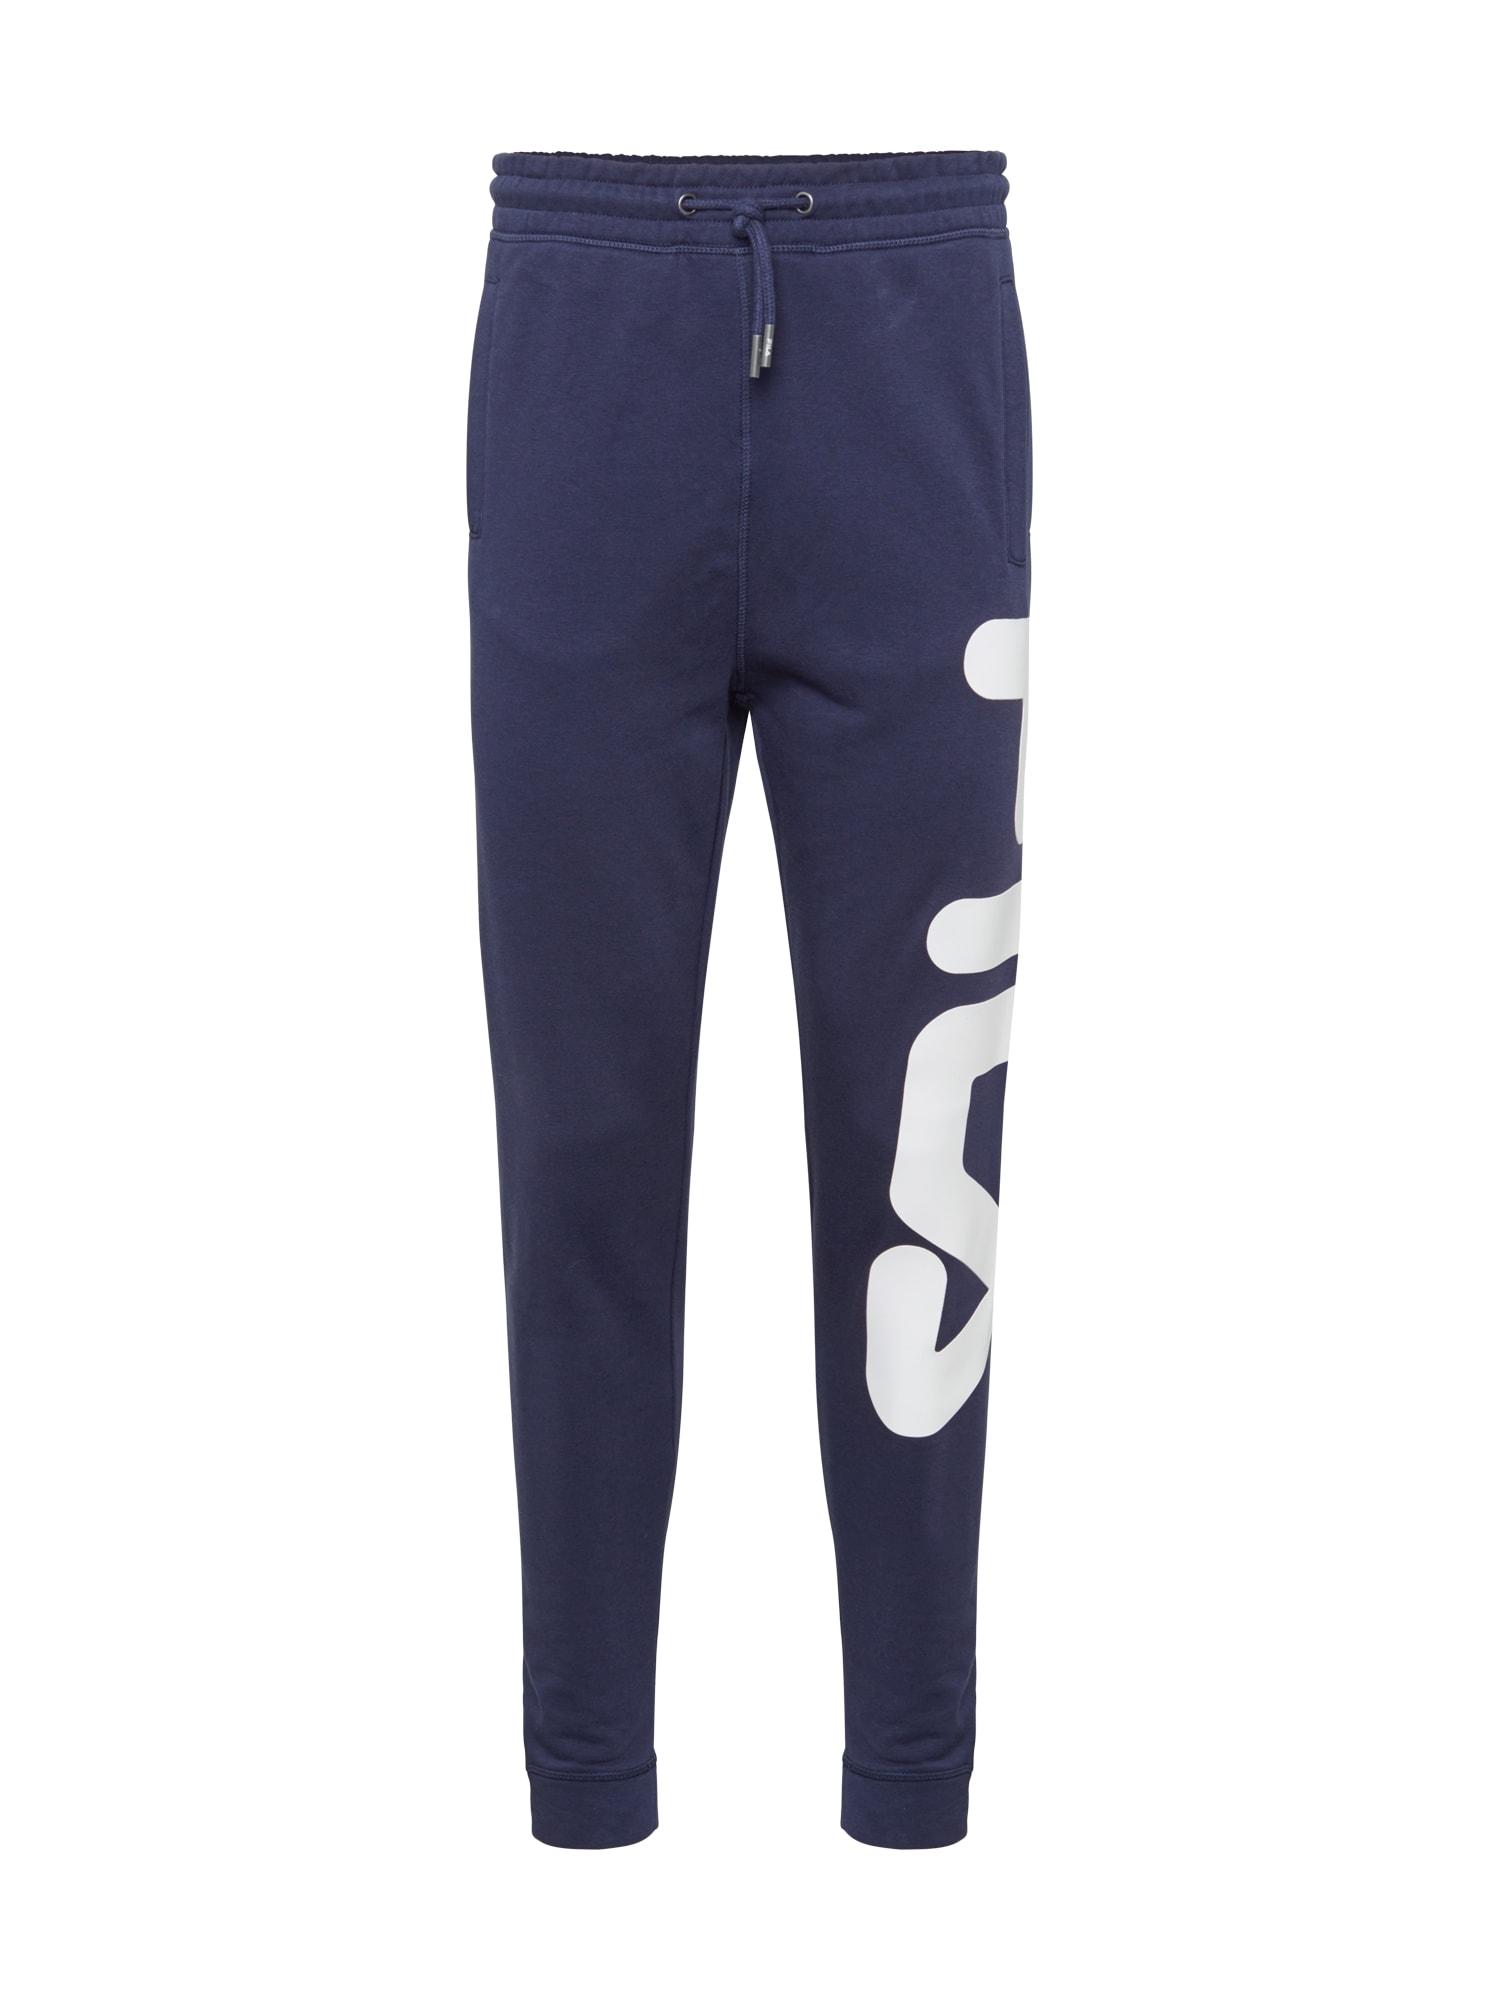 FILA Kelnės 'PURE' mėlyna / balta